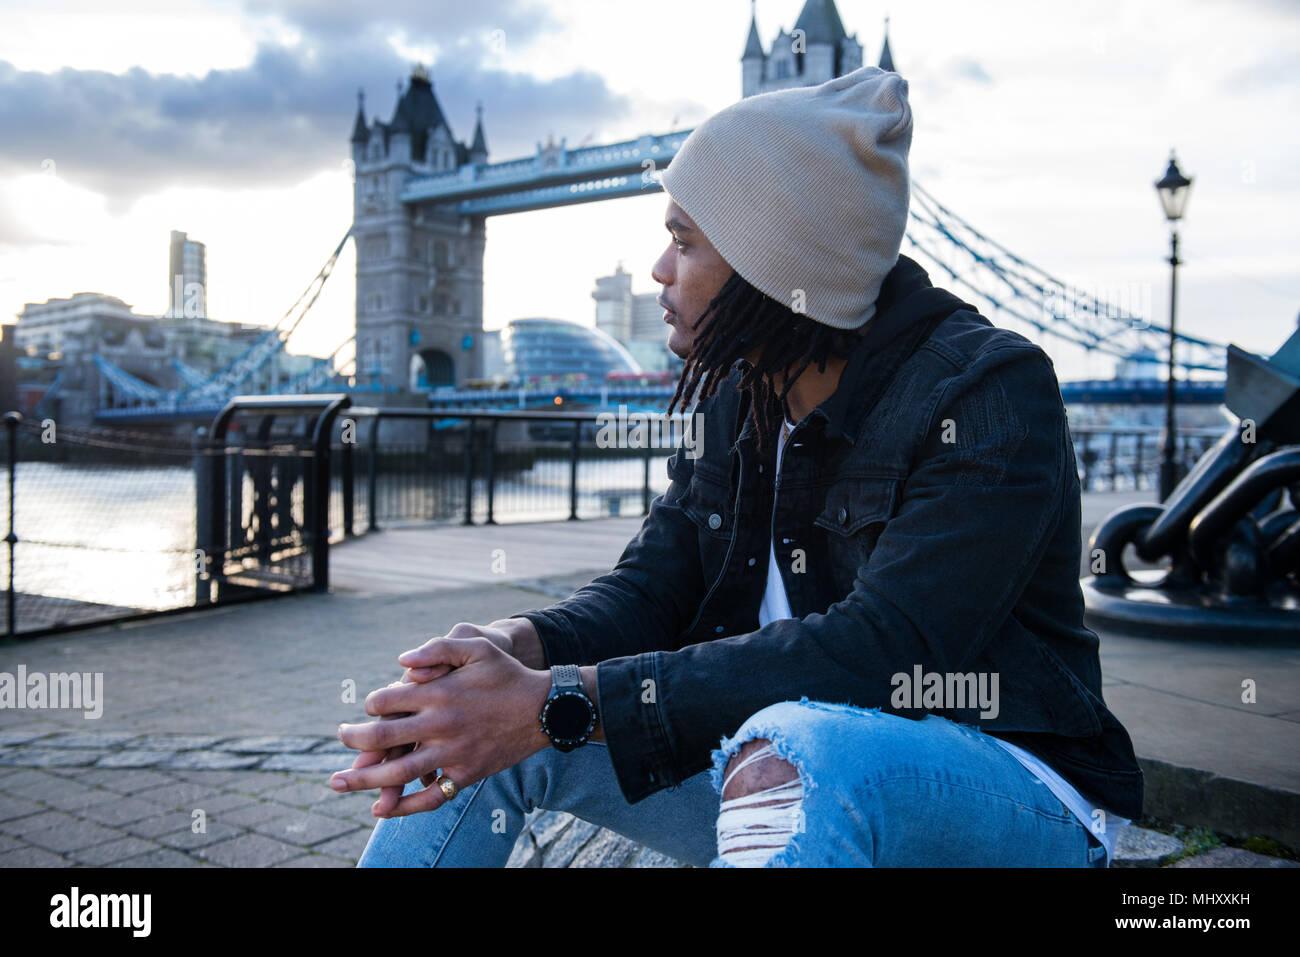 Giovane uomo seduto all'aperto, pensieroso espressioni, Tower Bridge in background, London, England, Regno Unito Immagini Stock